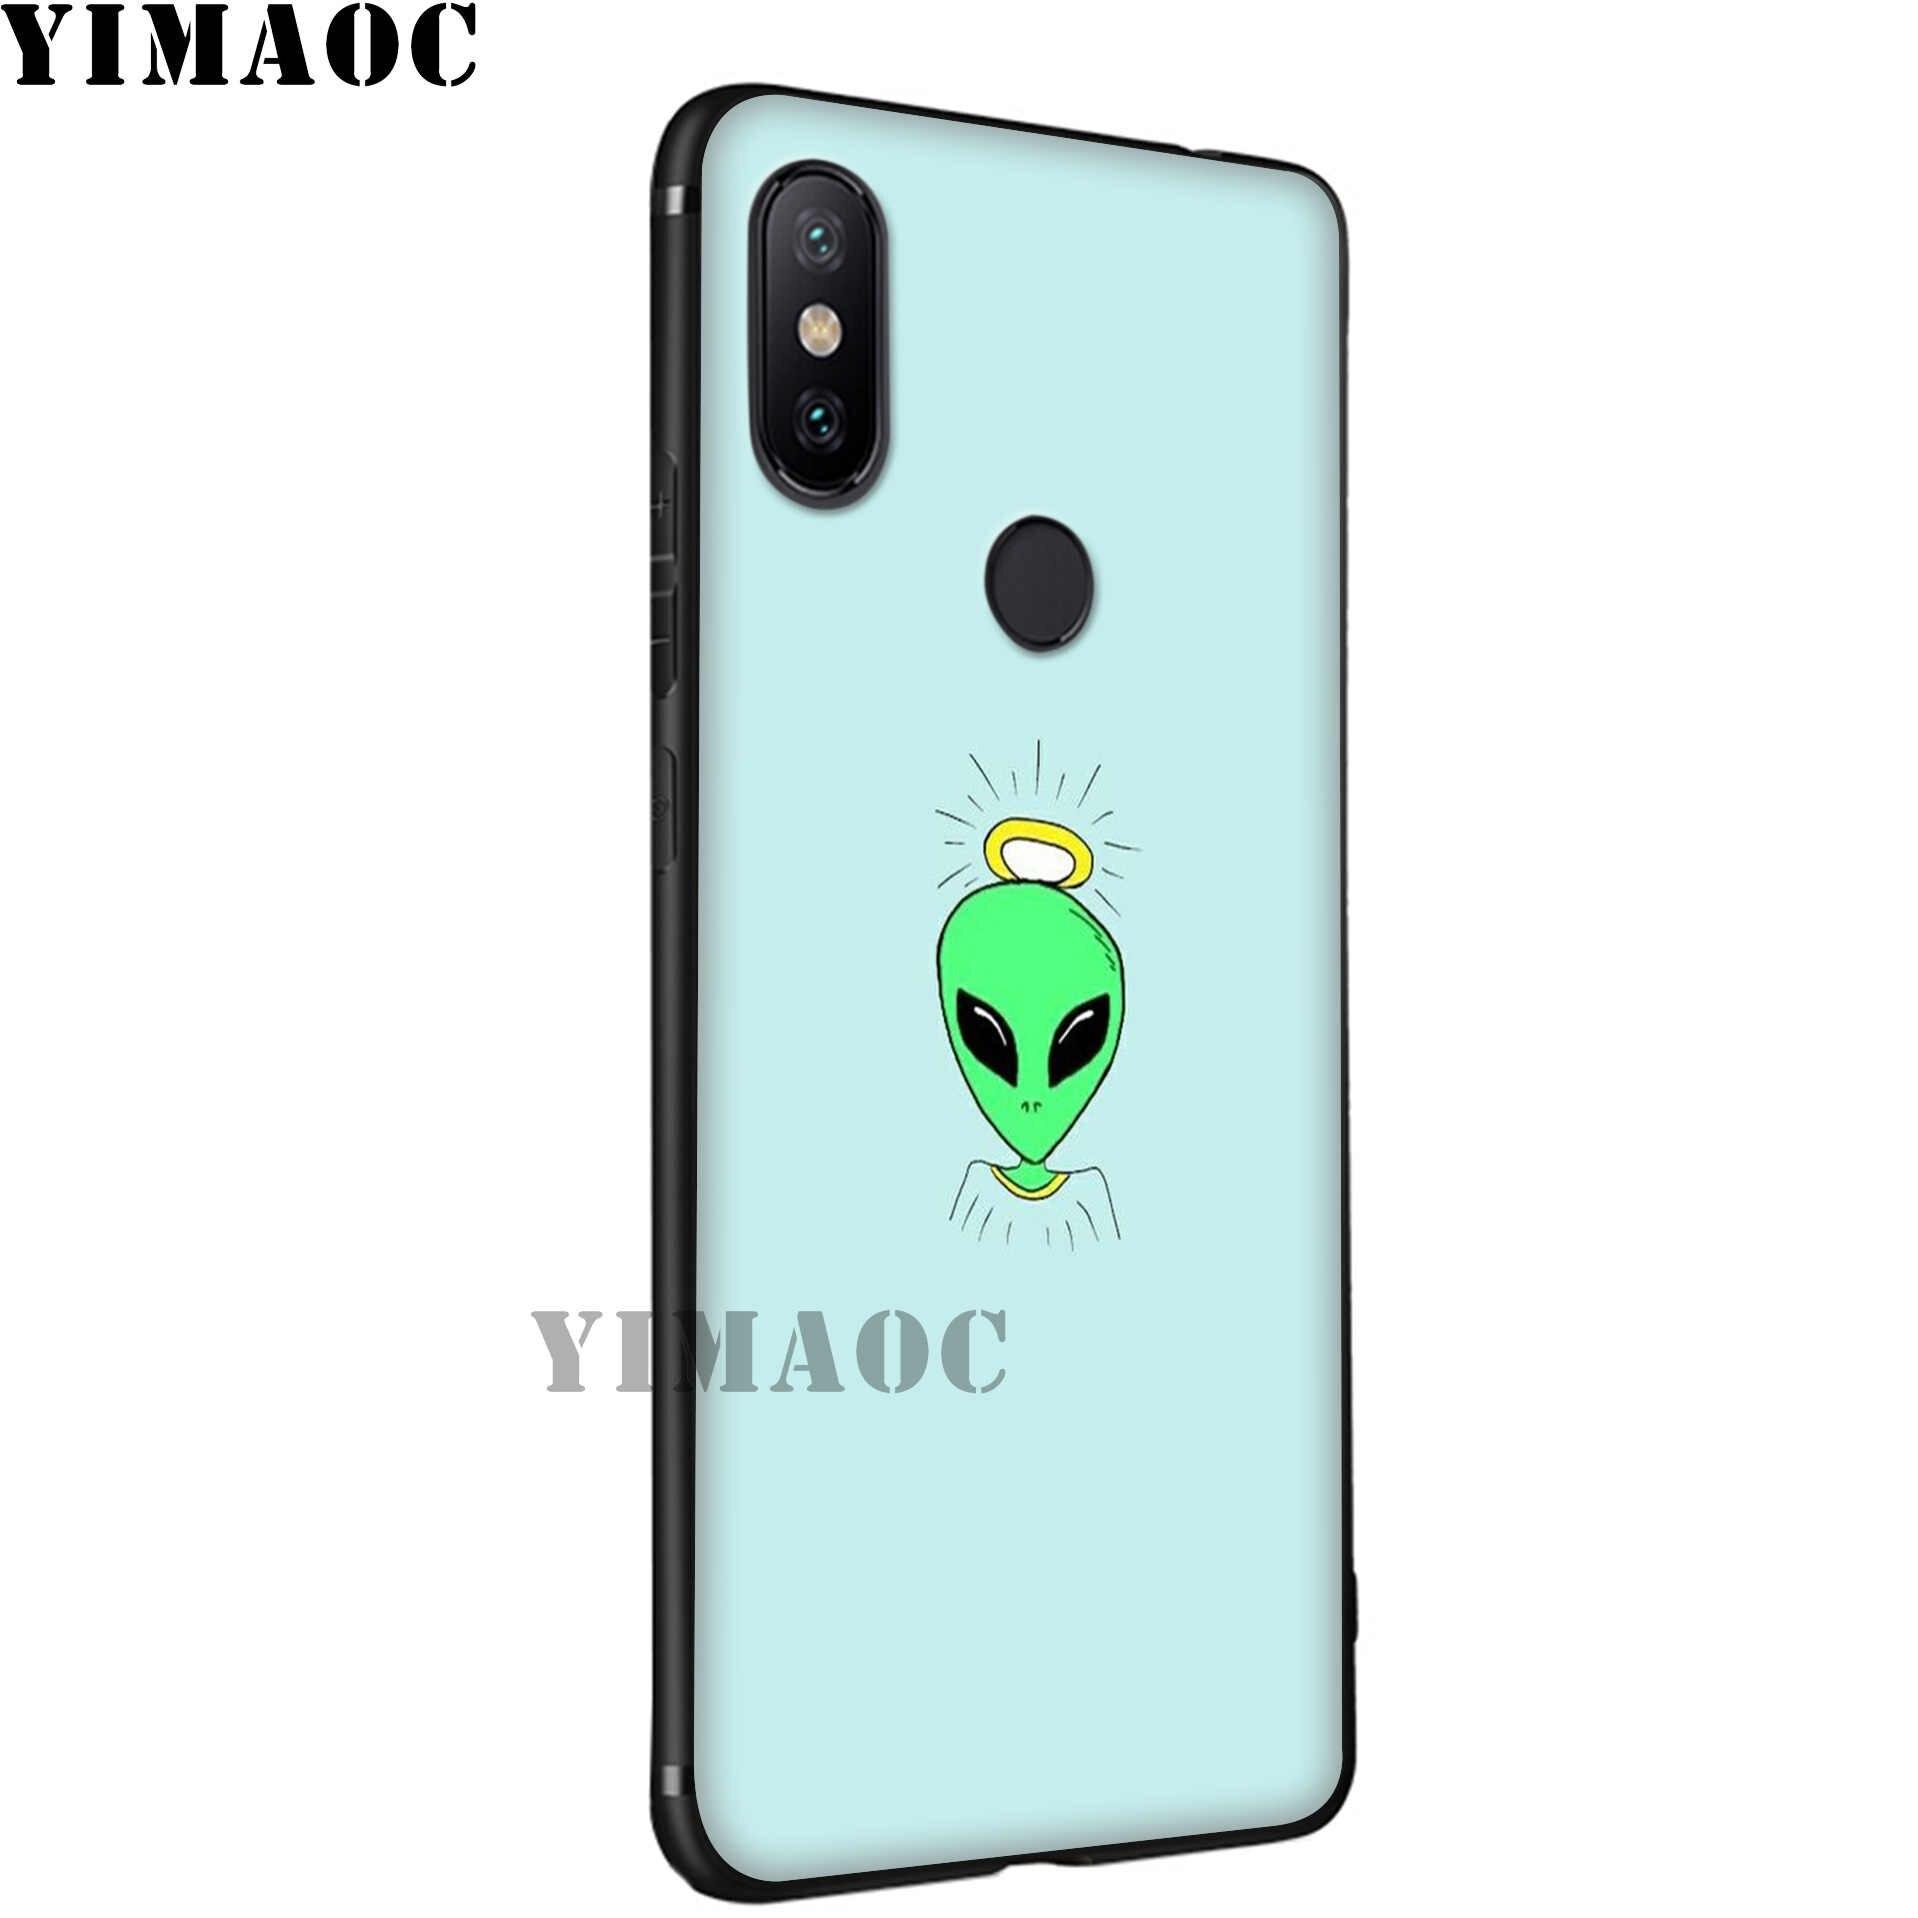 Yimaoc Alien Percaya UFO Soft Case untuk Xiao Mi Mi 9T 9 8 Se 6 Max 3 A1 A2 lite Mi A1 Mi A2 CC9E CC9 6X 5X Pocophone F1